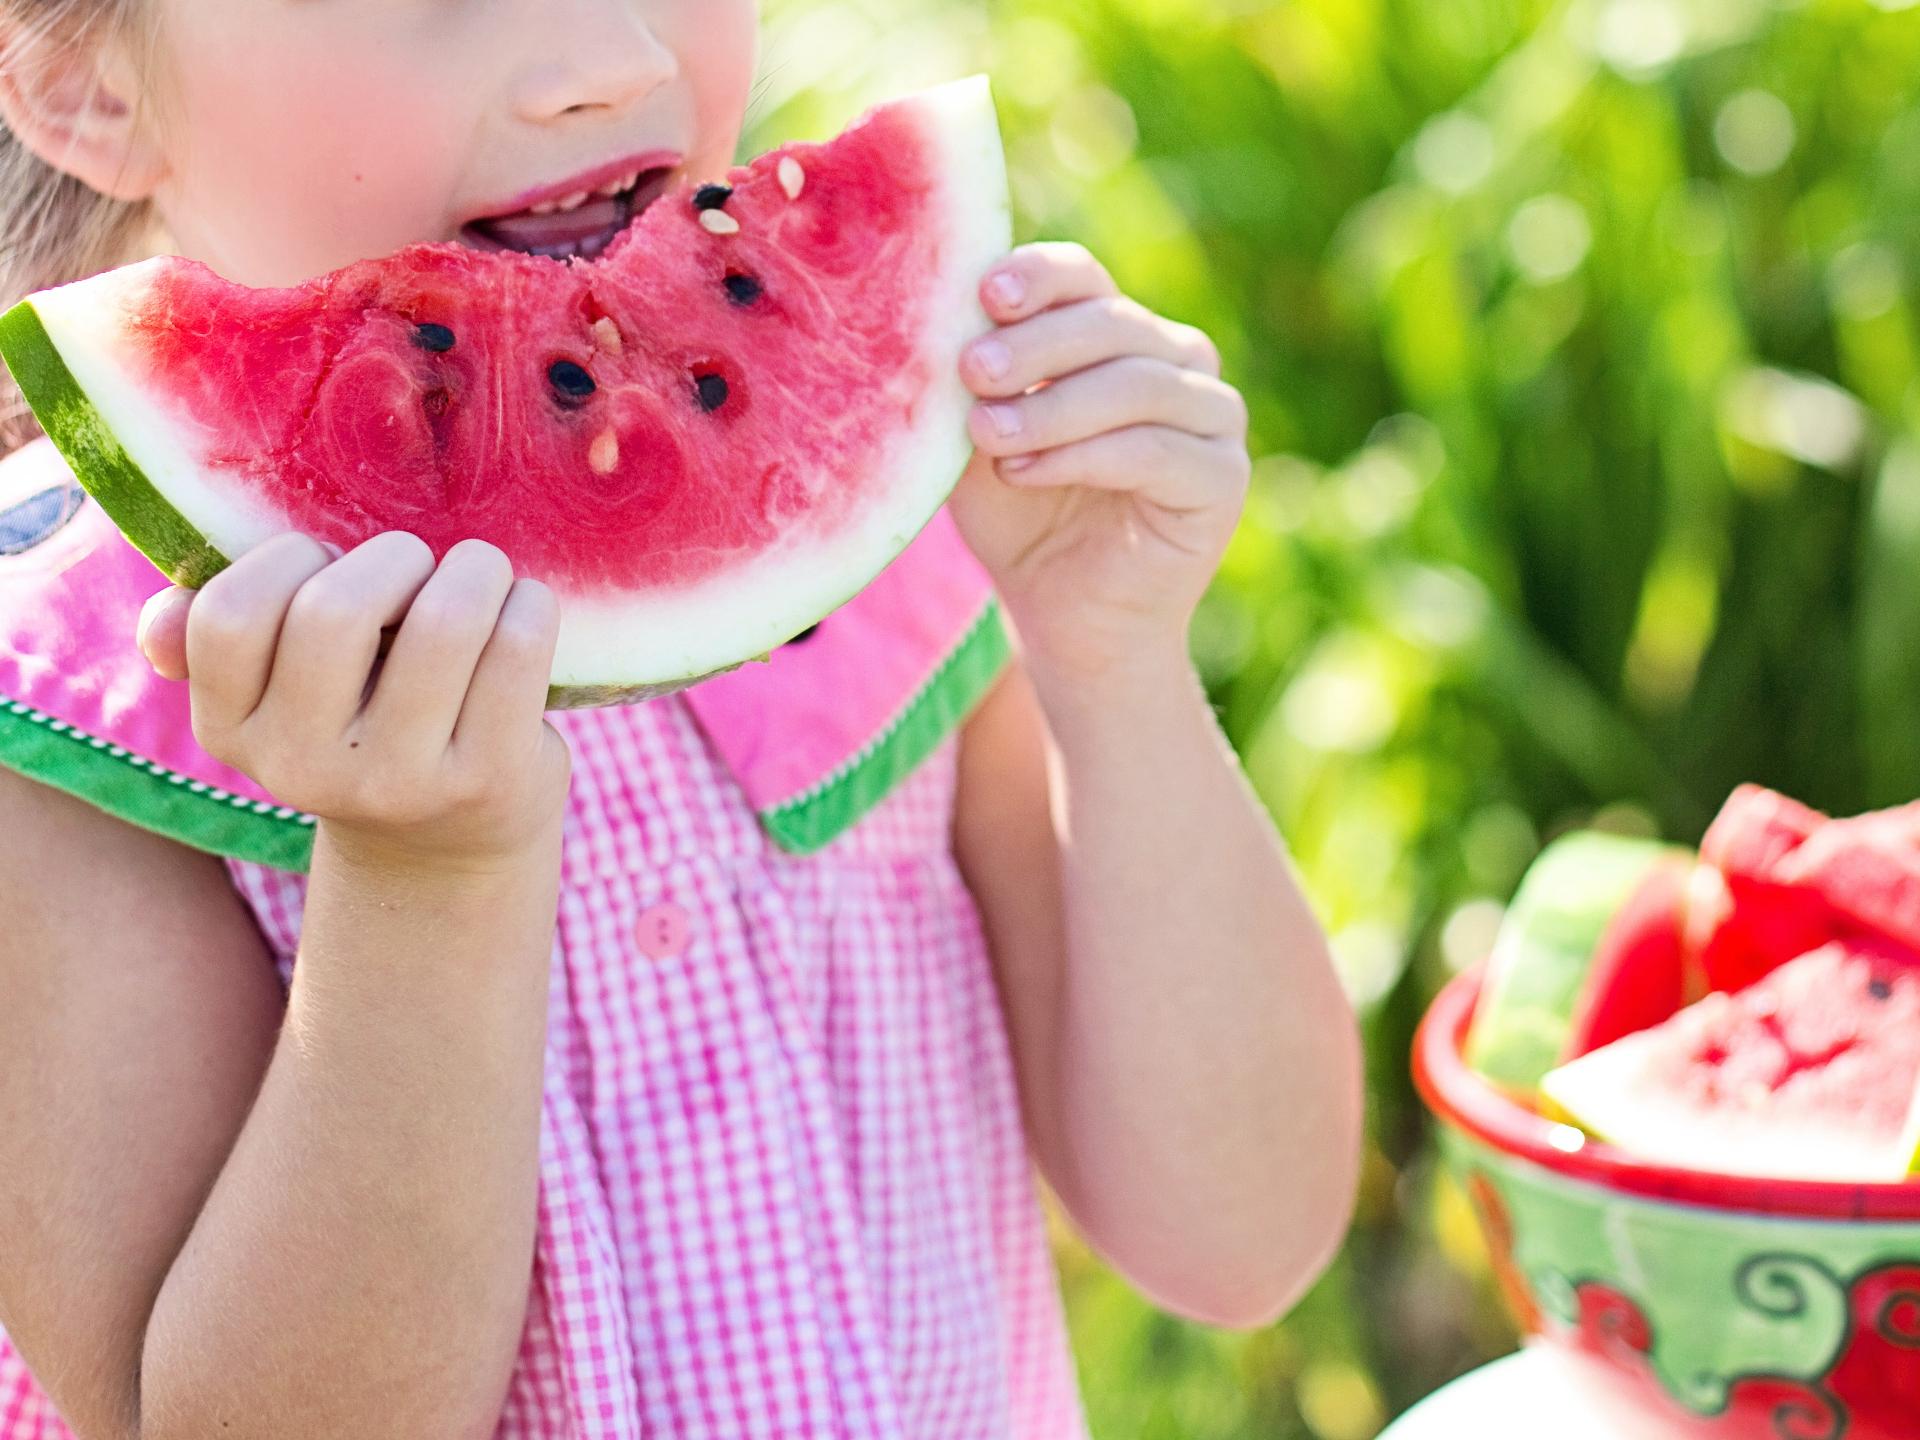 Es gibt einen guten Grund, warum sich viele Kinder (und Erwachsene) im Sommer über Wassermelonen stürzen. - Photocredit: pixabay.com/JillWellington